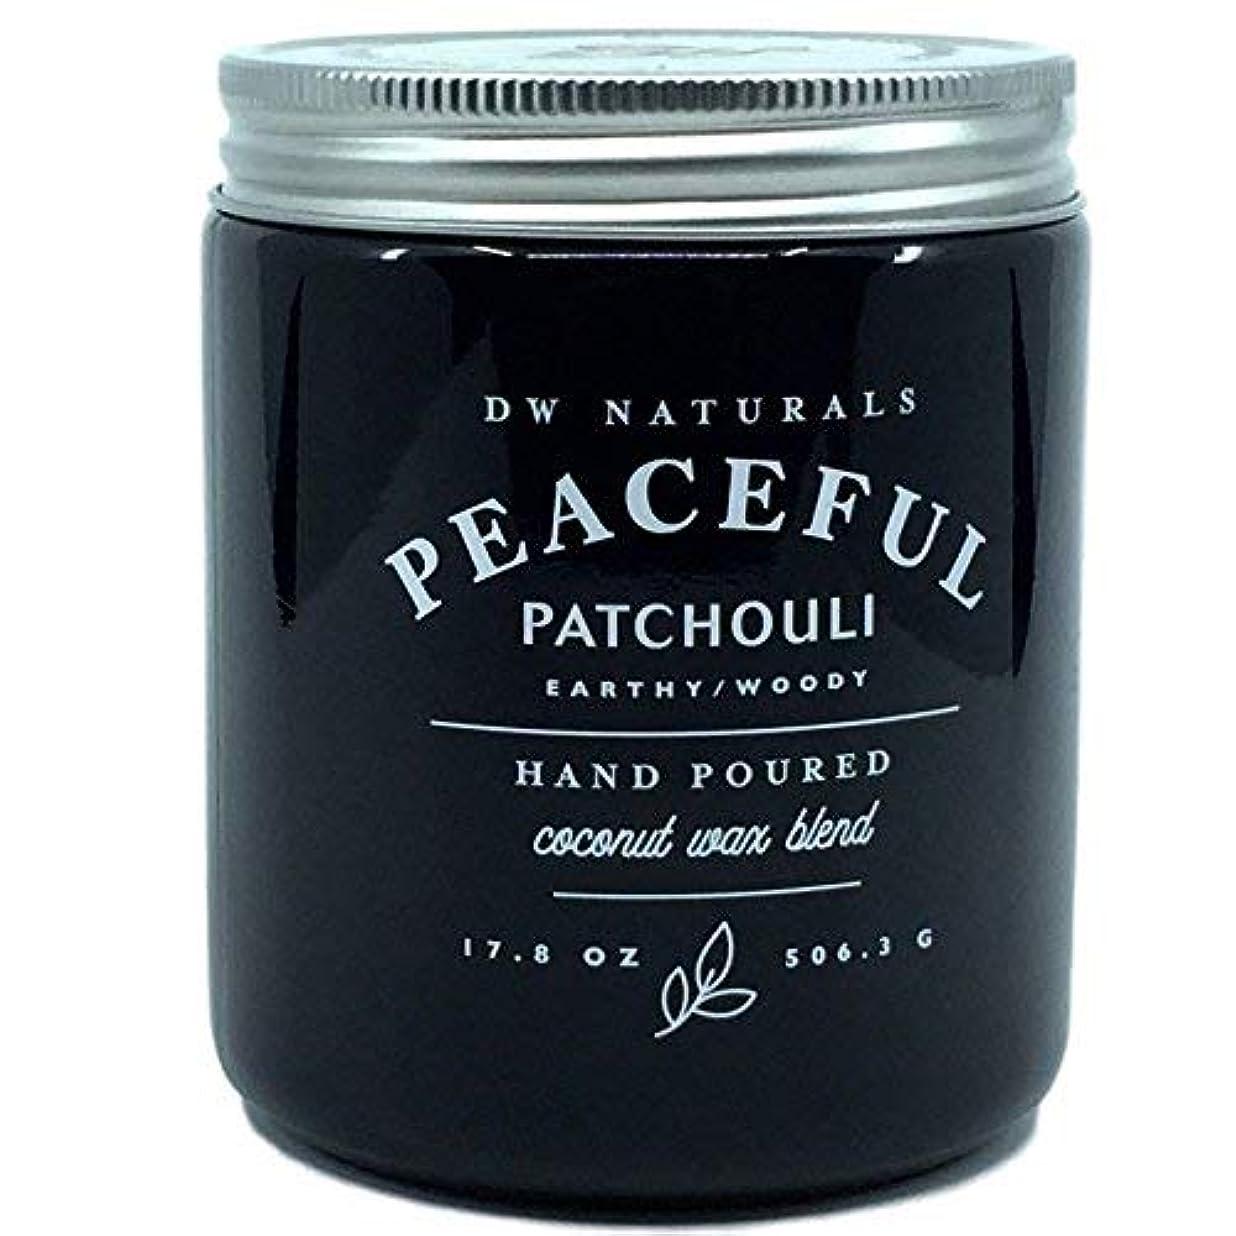 メトロポリタン壁紙スリップDW Naturals Peaceful Patchouli Earthy Woody Hand Poured Coconut Wax Blend Candle 17.8 Oz [並行輸入品]